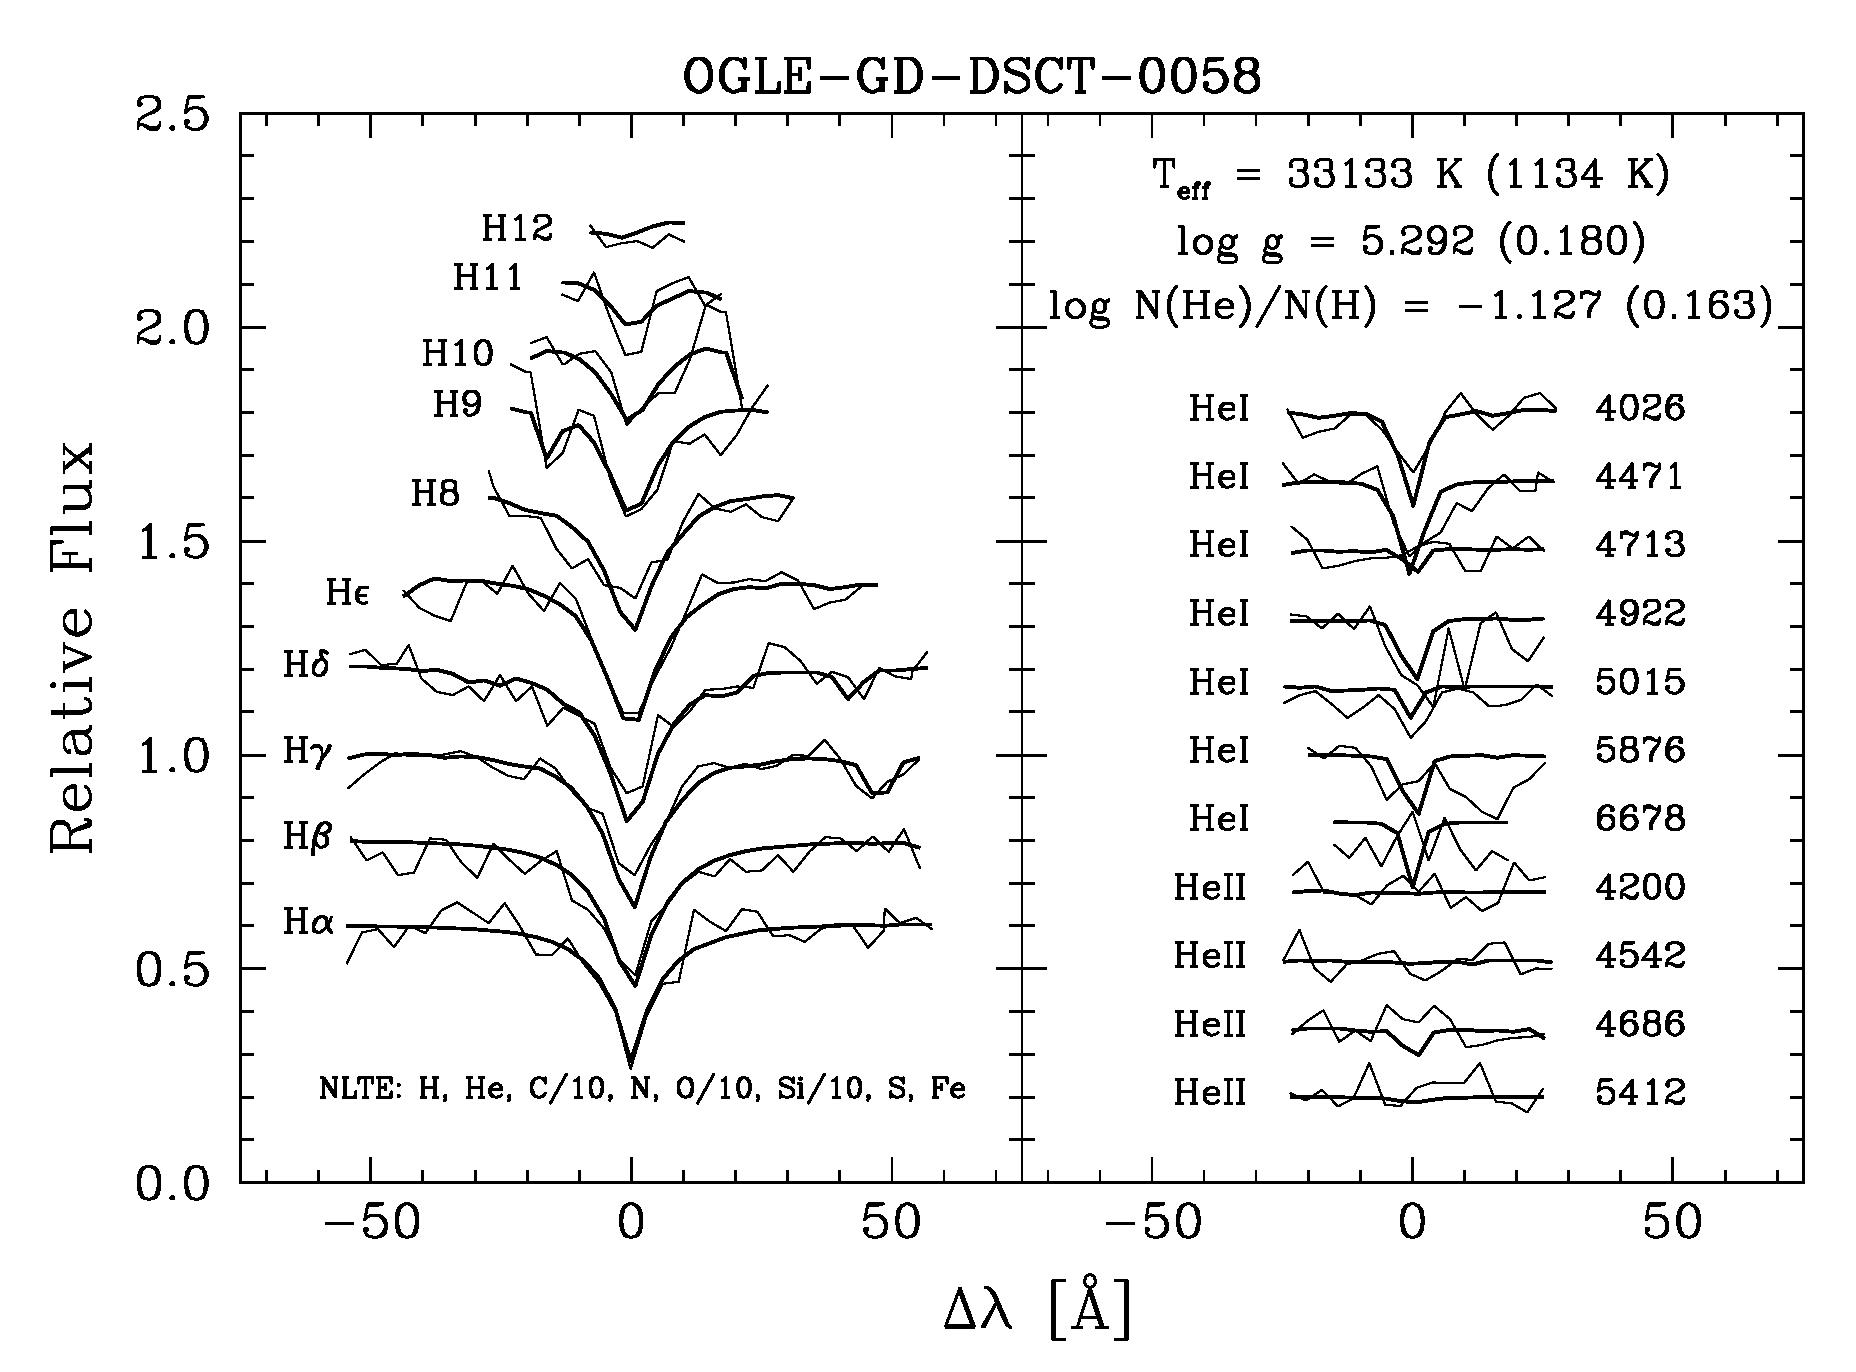 Spectroscopy of Puzzling OGLE Variable Stars